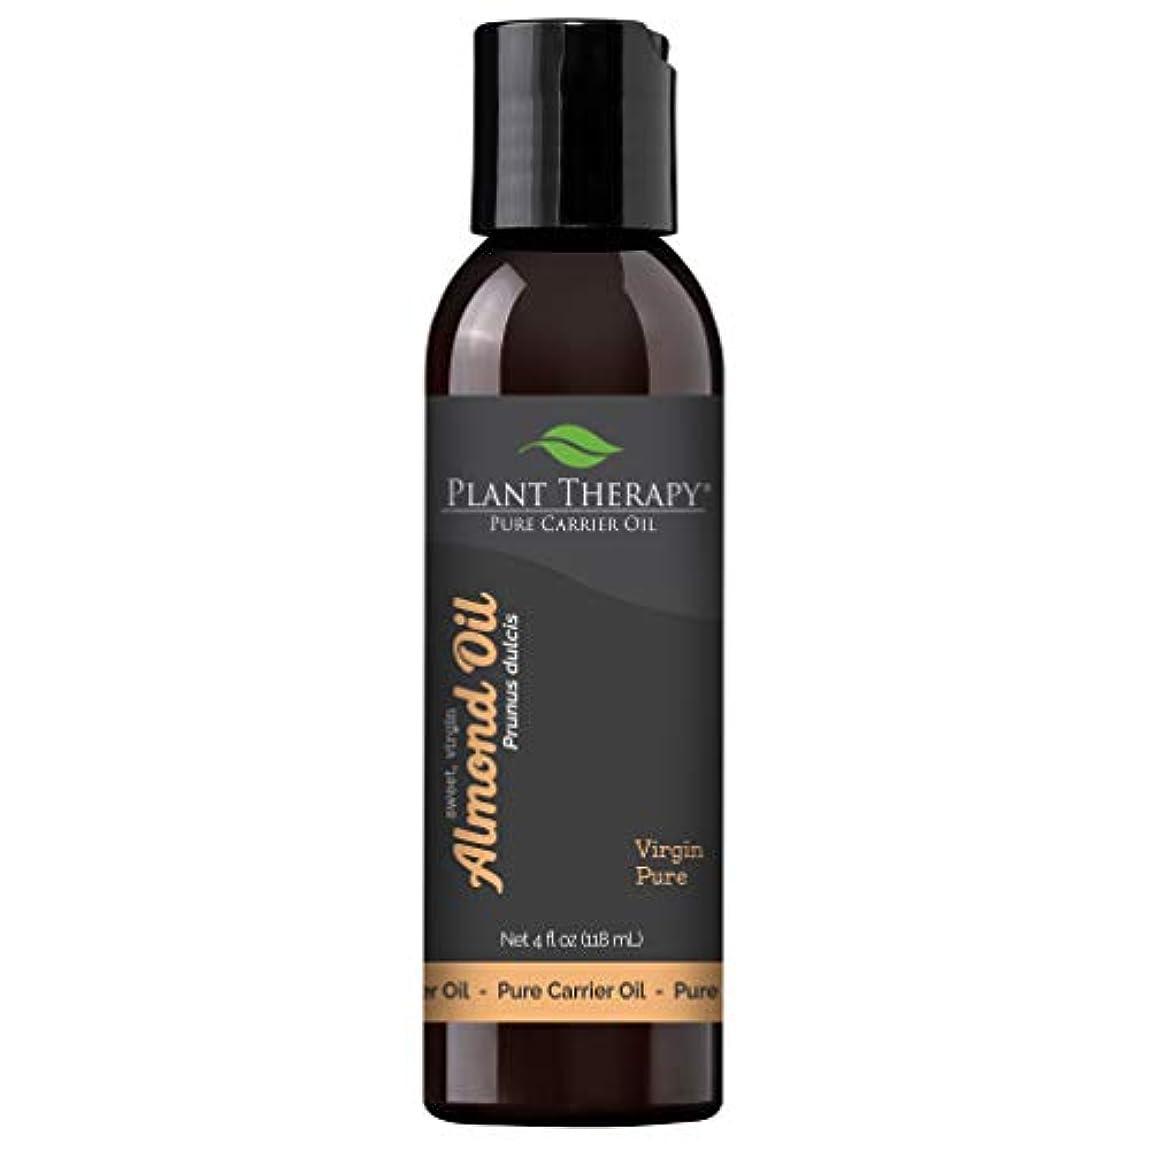 呼ぶポスト印象派疑問に思うAlmond Carrier Oil (Virgin, Sweet). 2 oz. A base for Aromatherapy, Essential Oils or Massage.